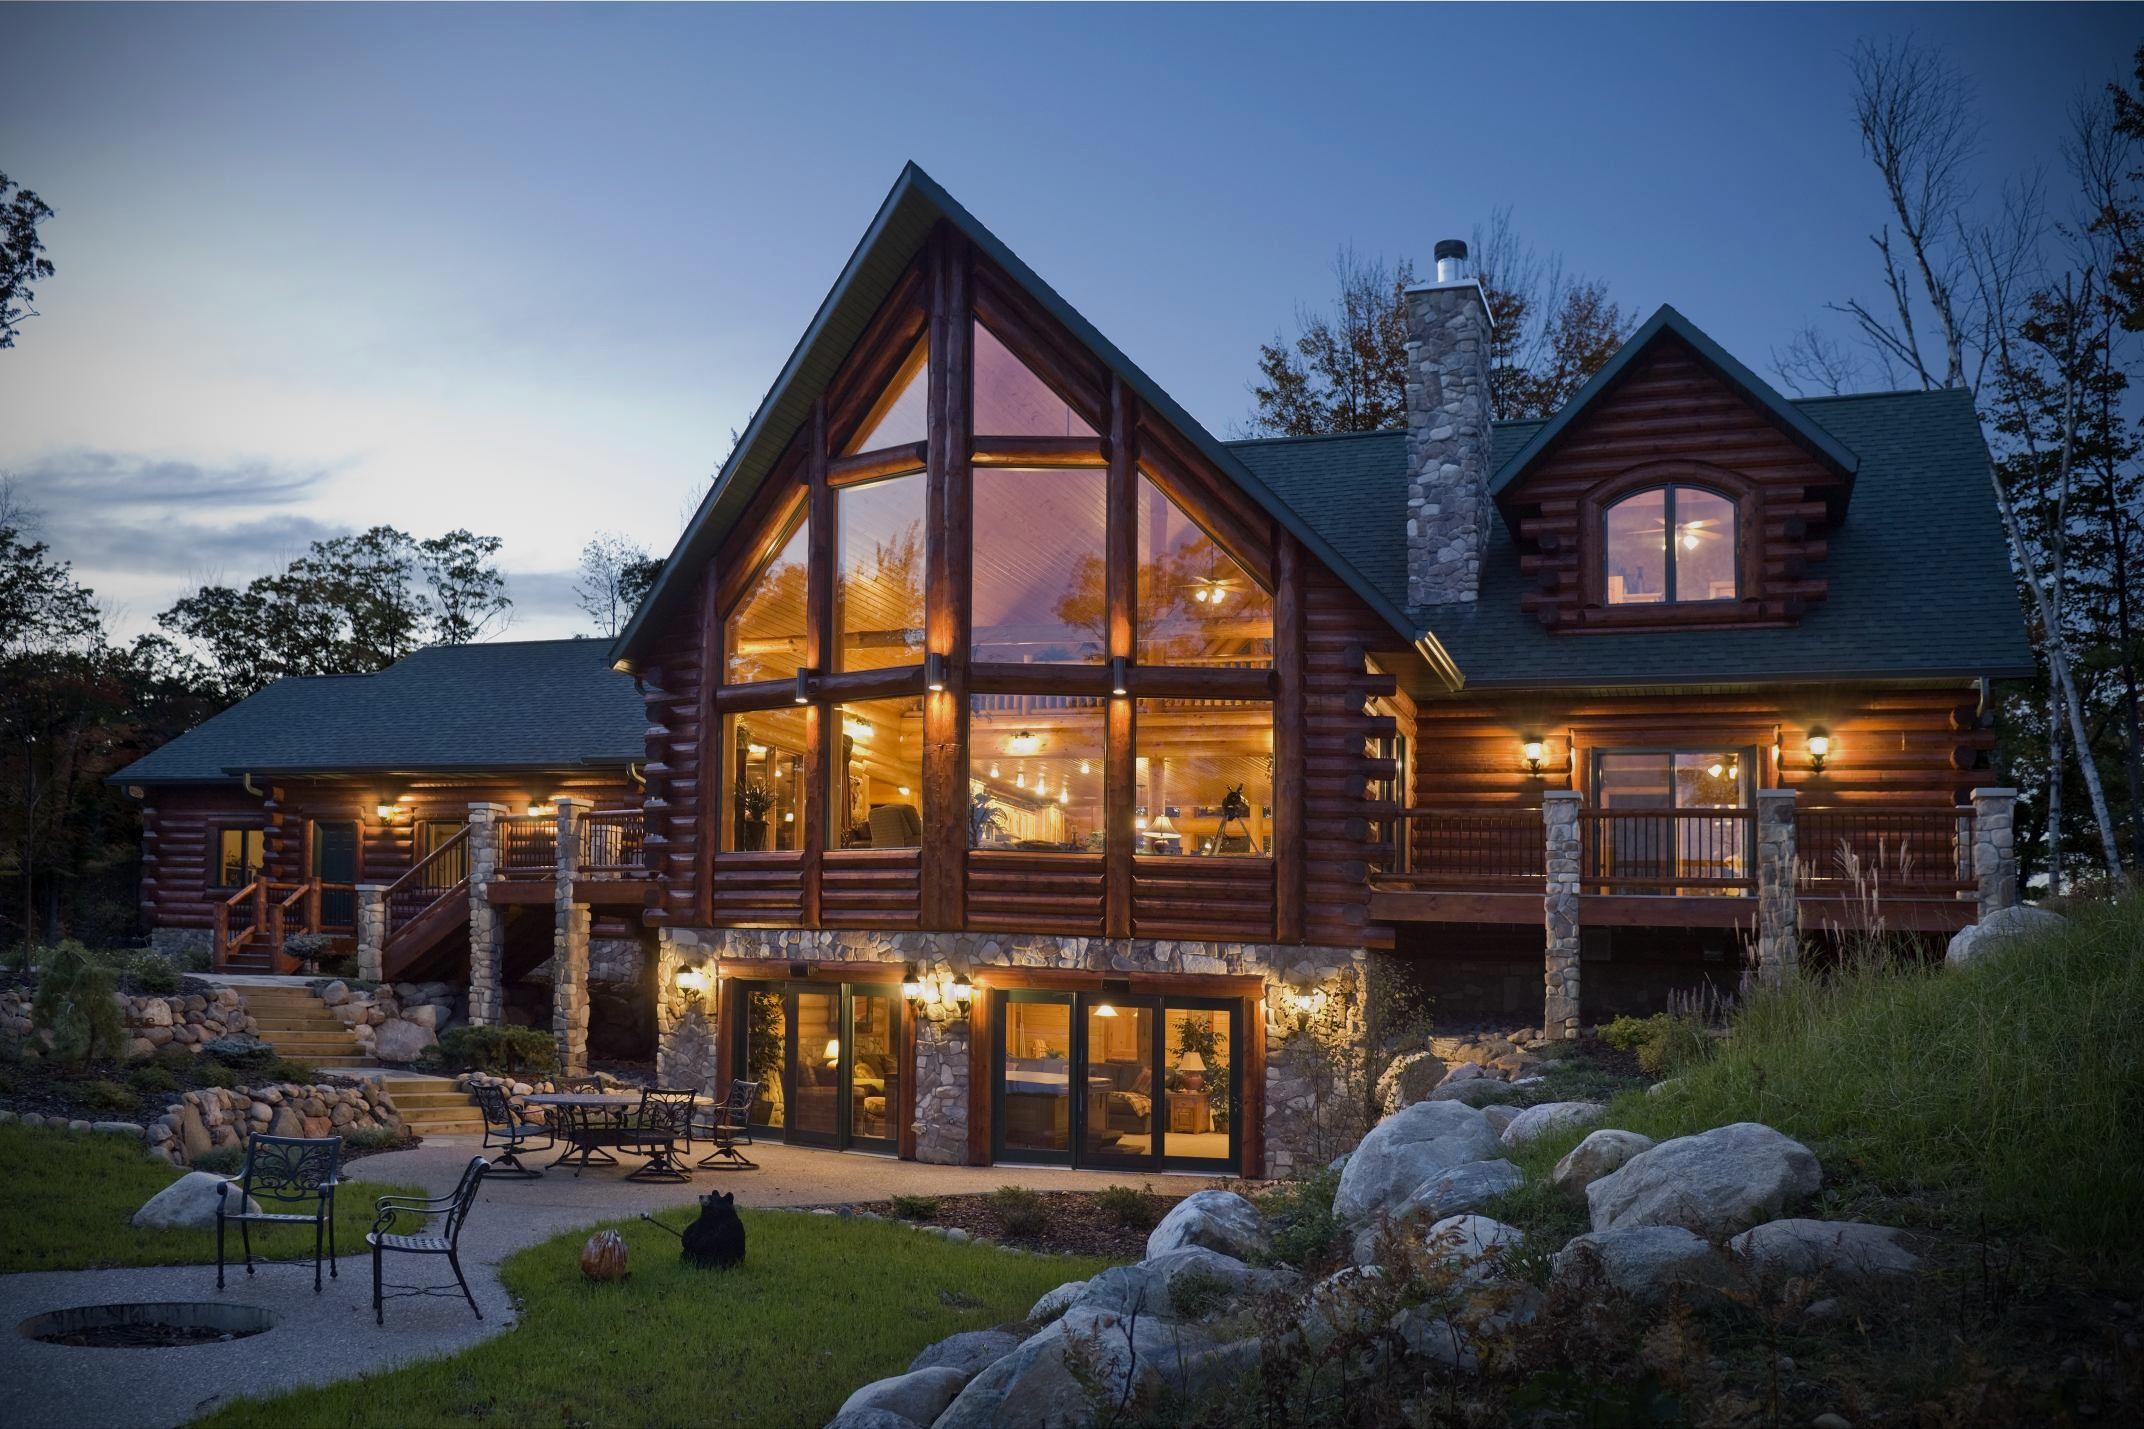 univers photo de maison kit bois de rêve